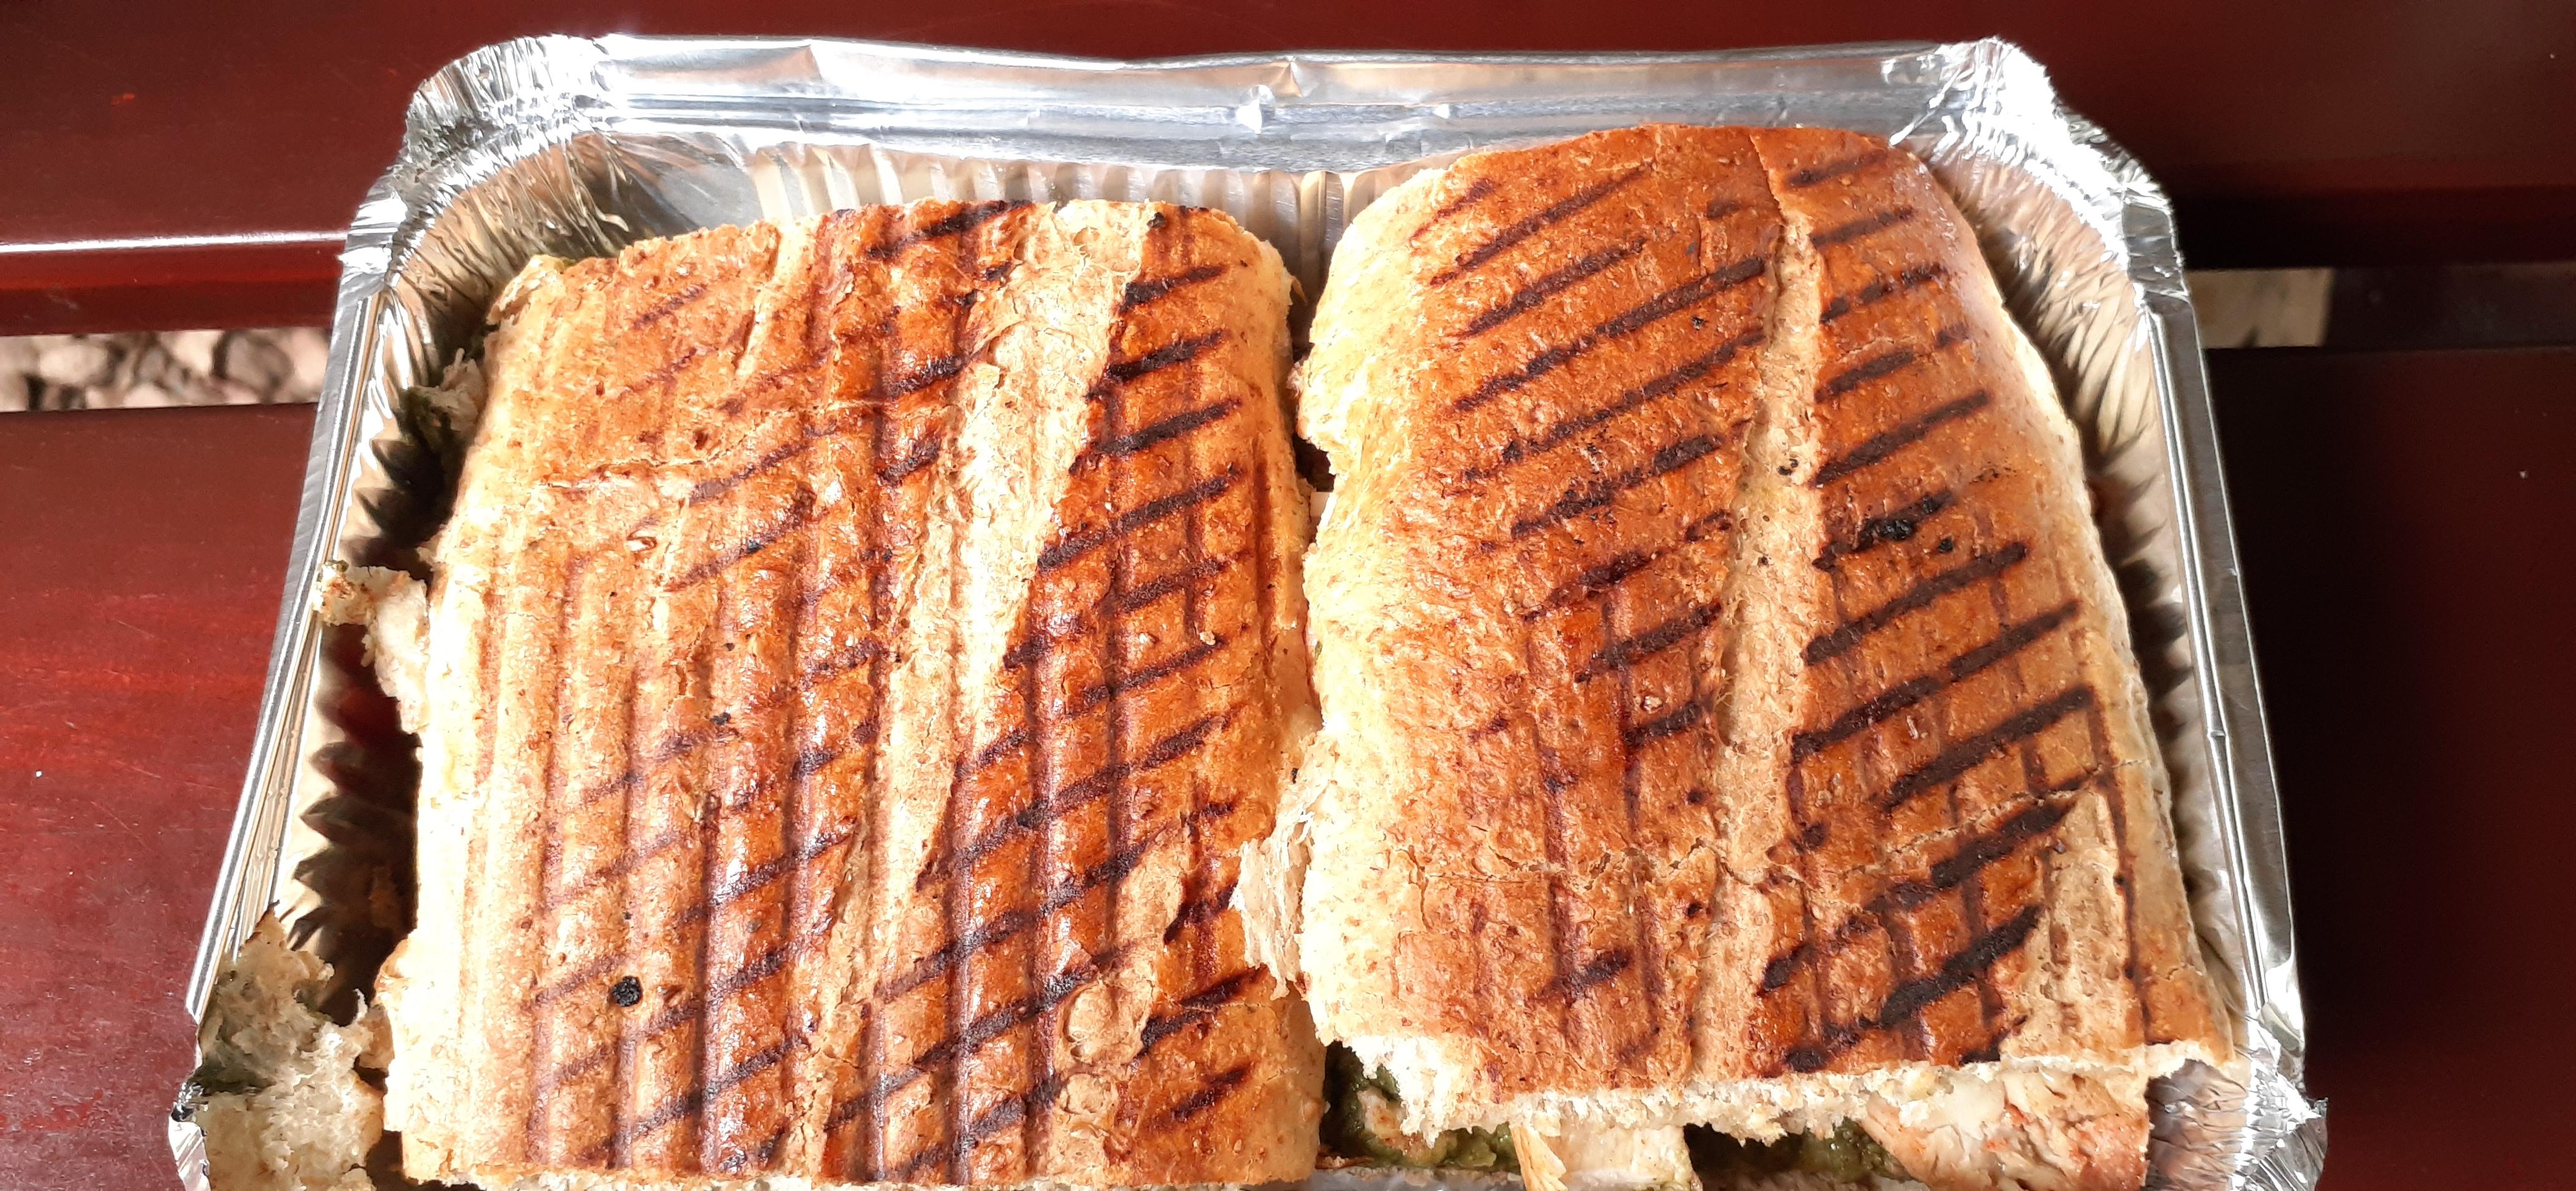 sandwich in uganda, eating in kampala, chicken pesto sandwich